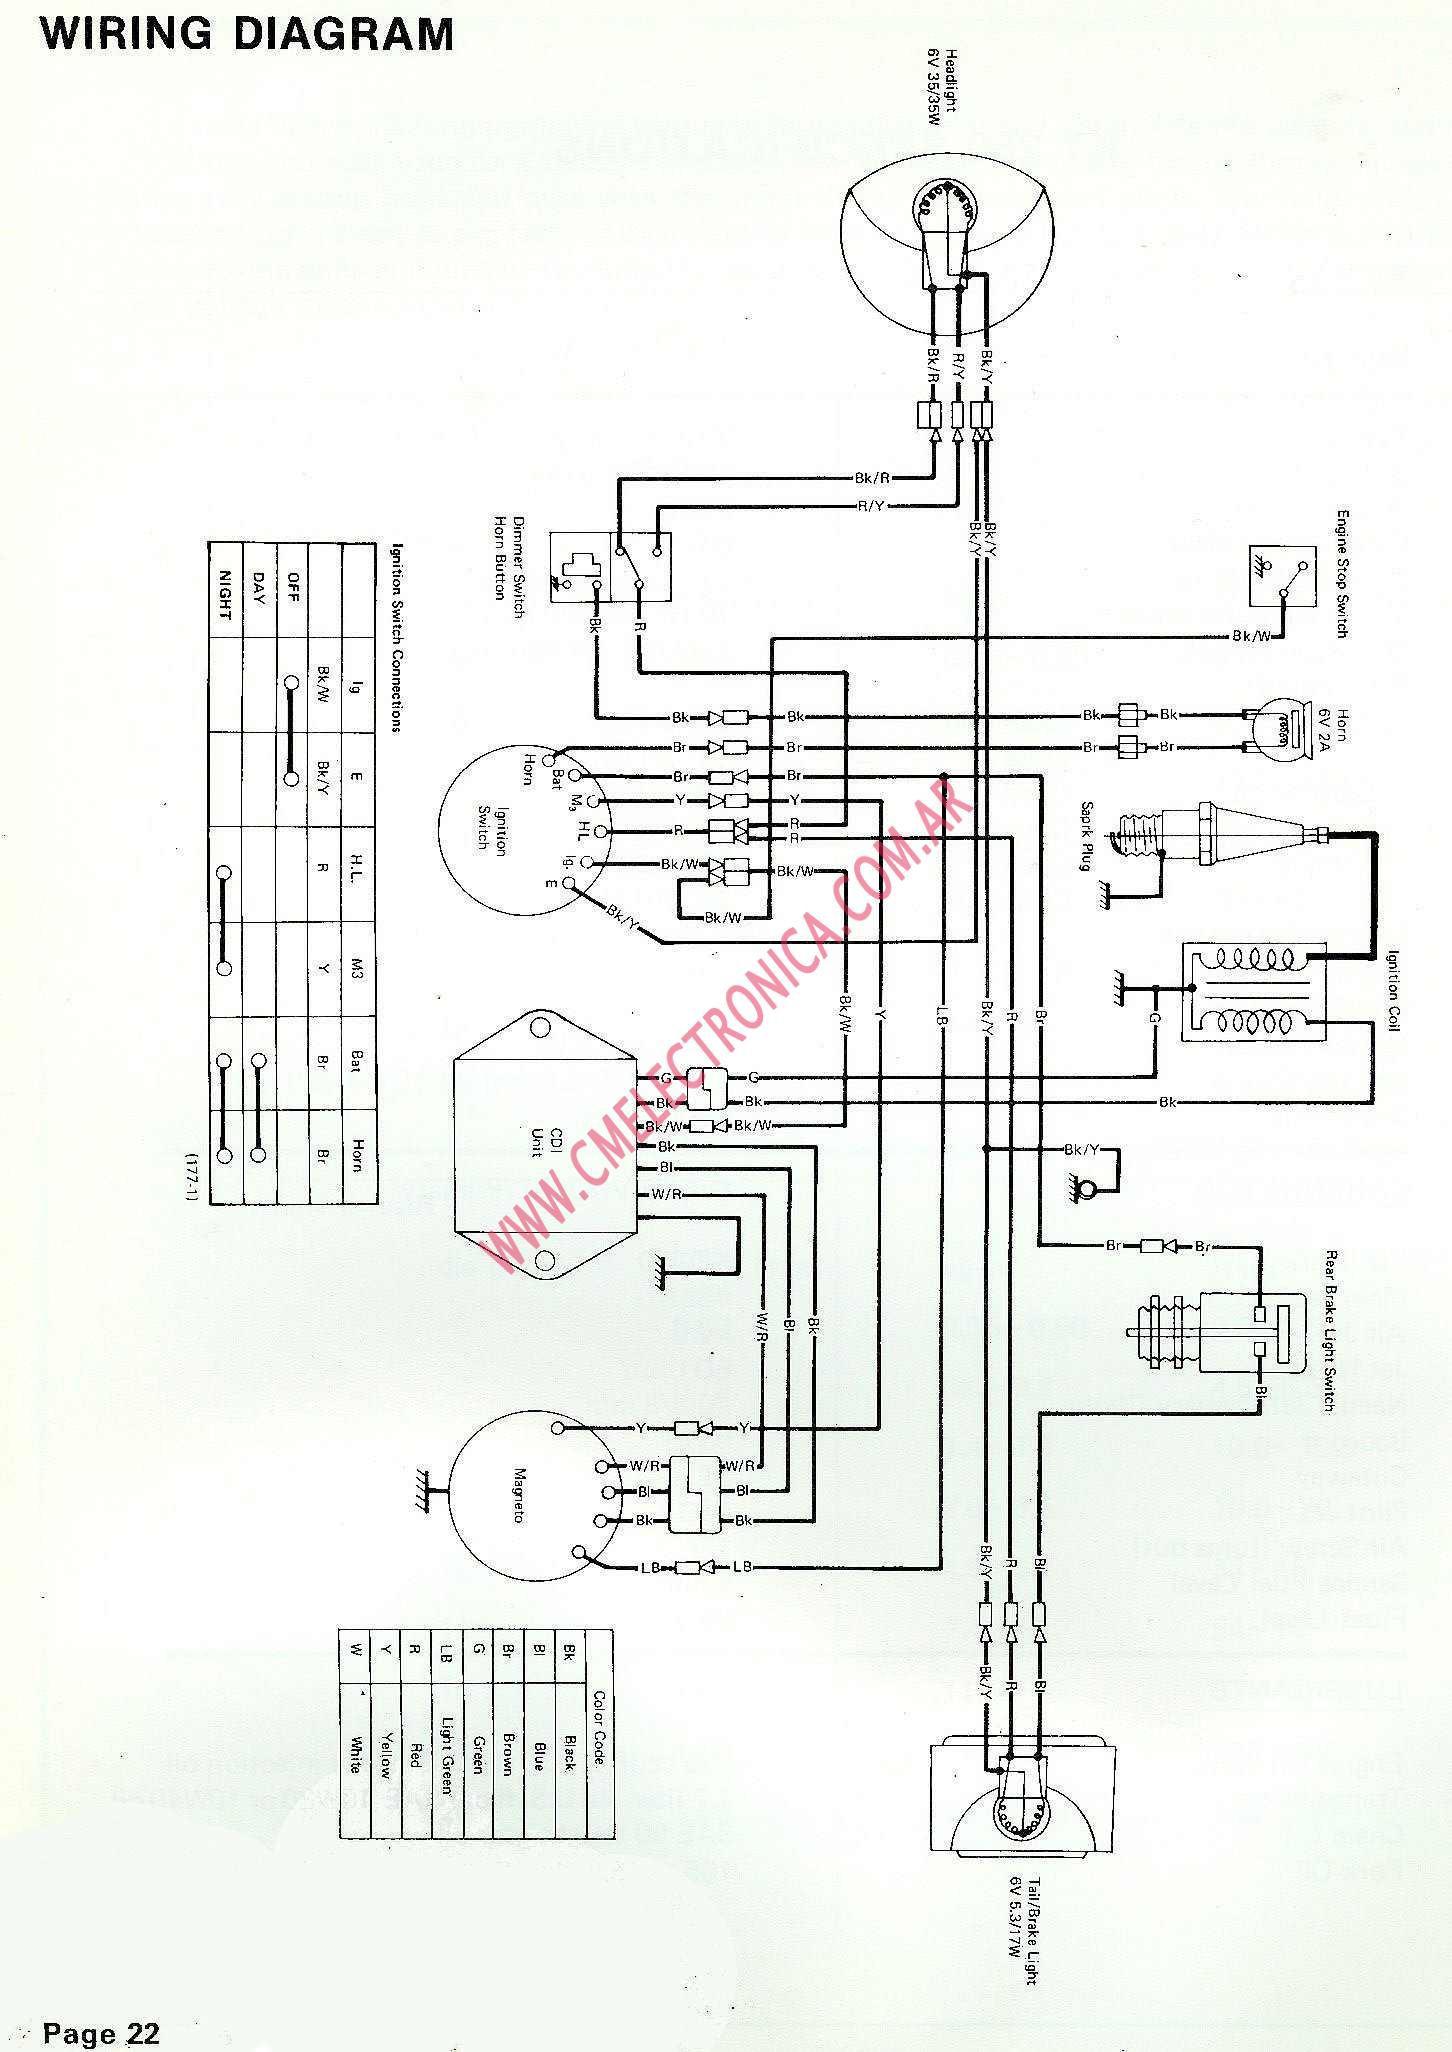 YY_4914] Timberwolf Atv Wiring Diagram Schematic WiringNorab Bletu Opein Mohammedshrine Librar Wiring 101